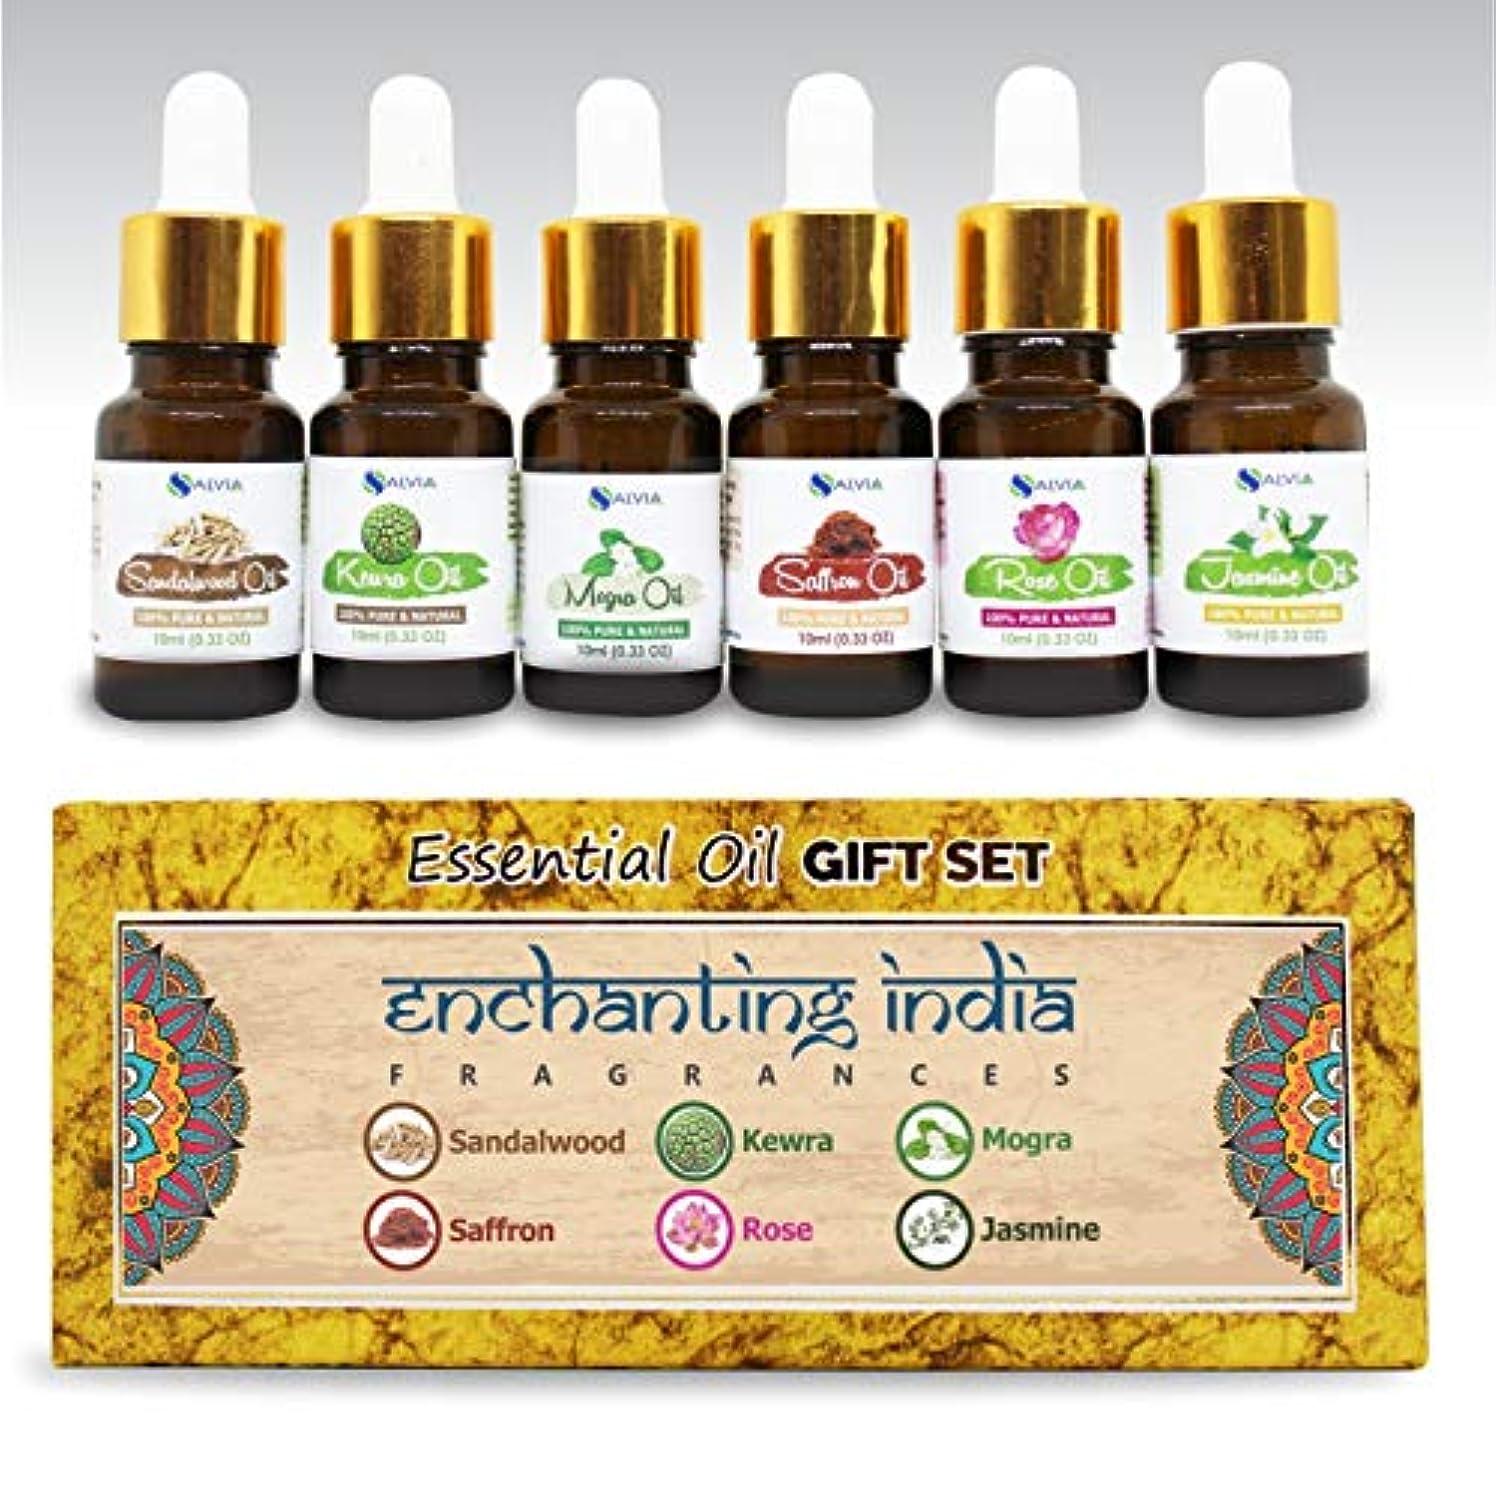 注釈ソフィー市長Aromatherapy Fragrance Oils - 100% Pure & Natural Therapeutic Essential Oils, 10ml each (Sandalwood, Rose, Saffron, Kewra, Mogra, Jasmine) Enchanting India